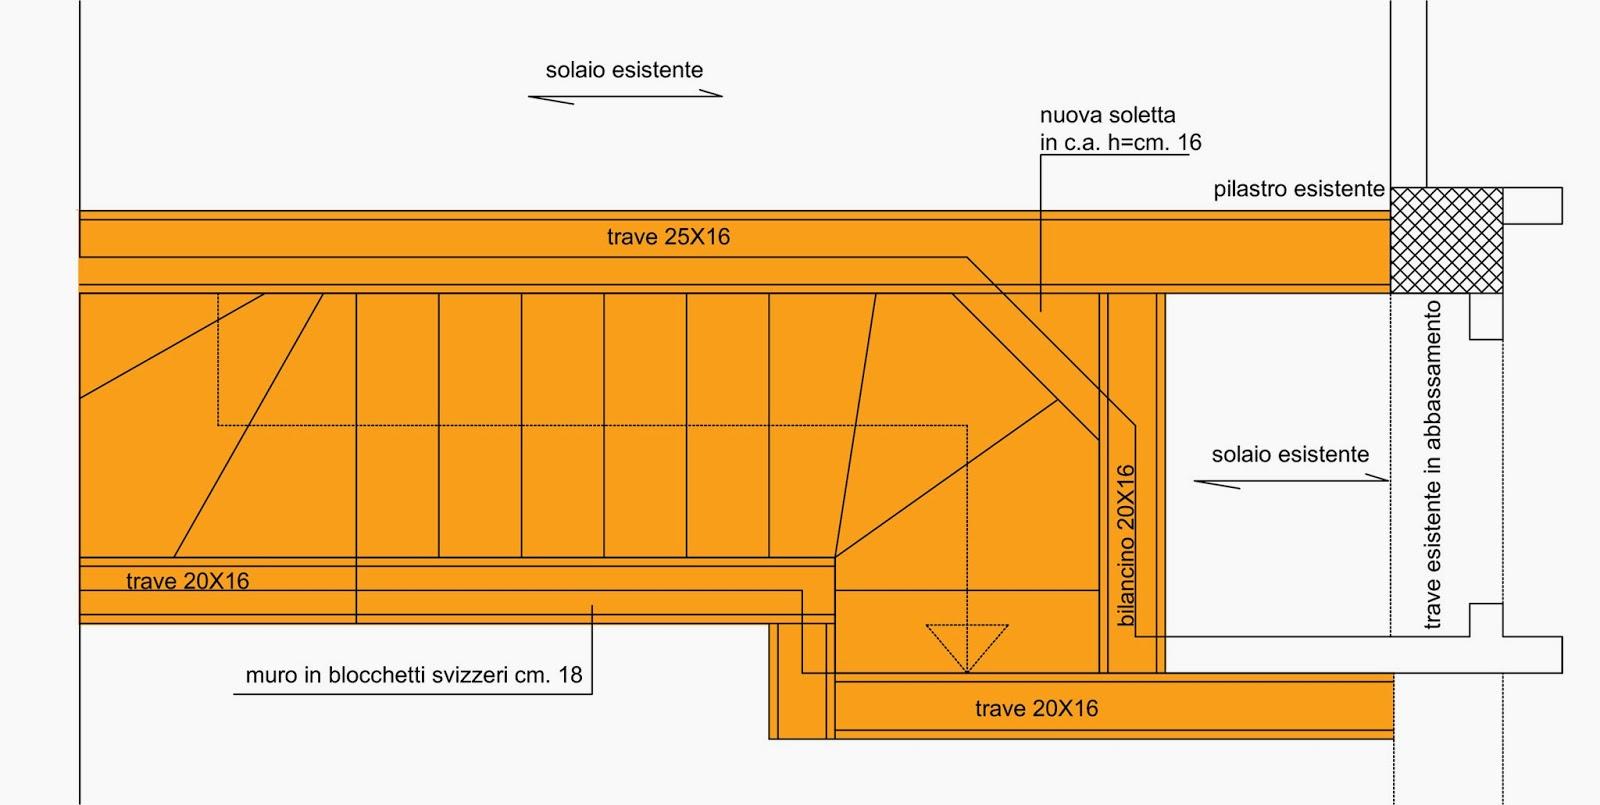 Taglio Solaio Per Scala lacasapensata: come unire due appartamenti con una